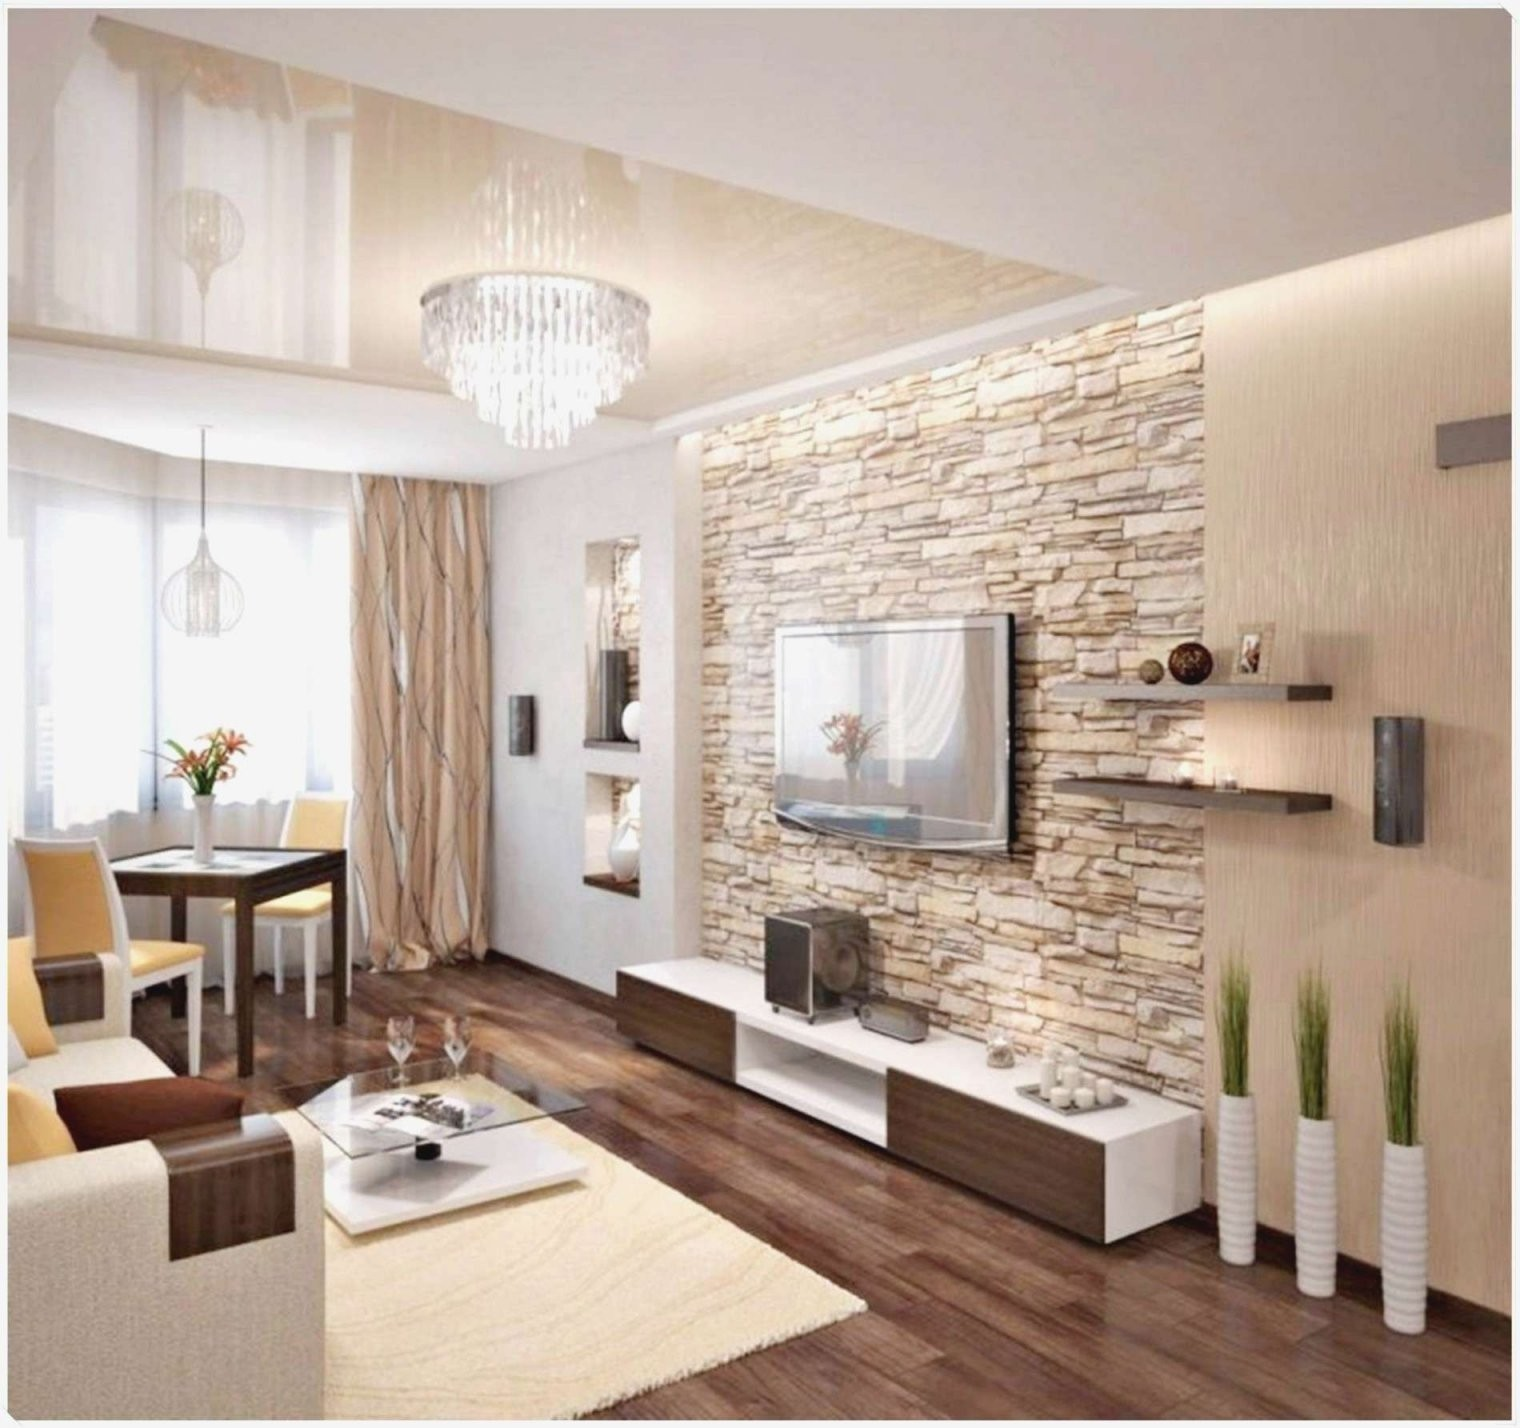 Dekoration Wohnung Schön Deko Ideen Sommer 30 Wohnzimmer Deko Wand von Wanddeko Ideen Mit Farbe Bild